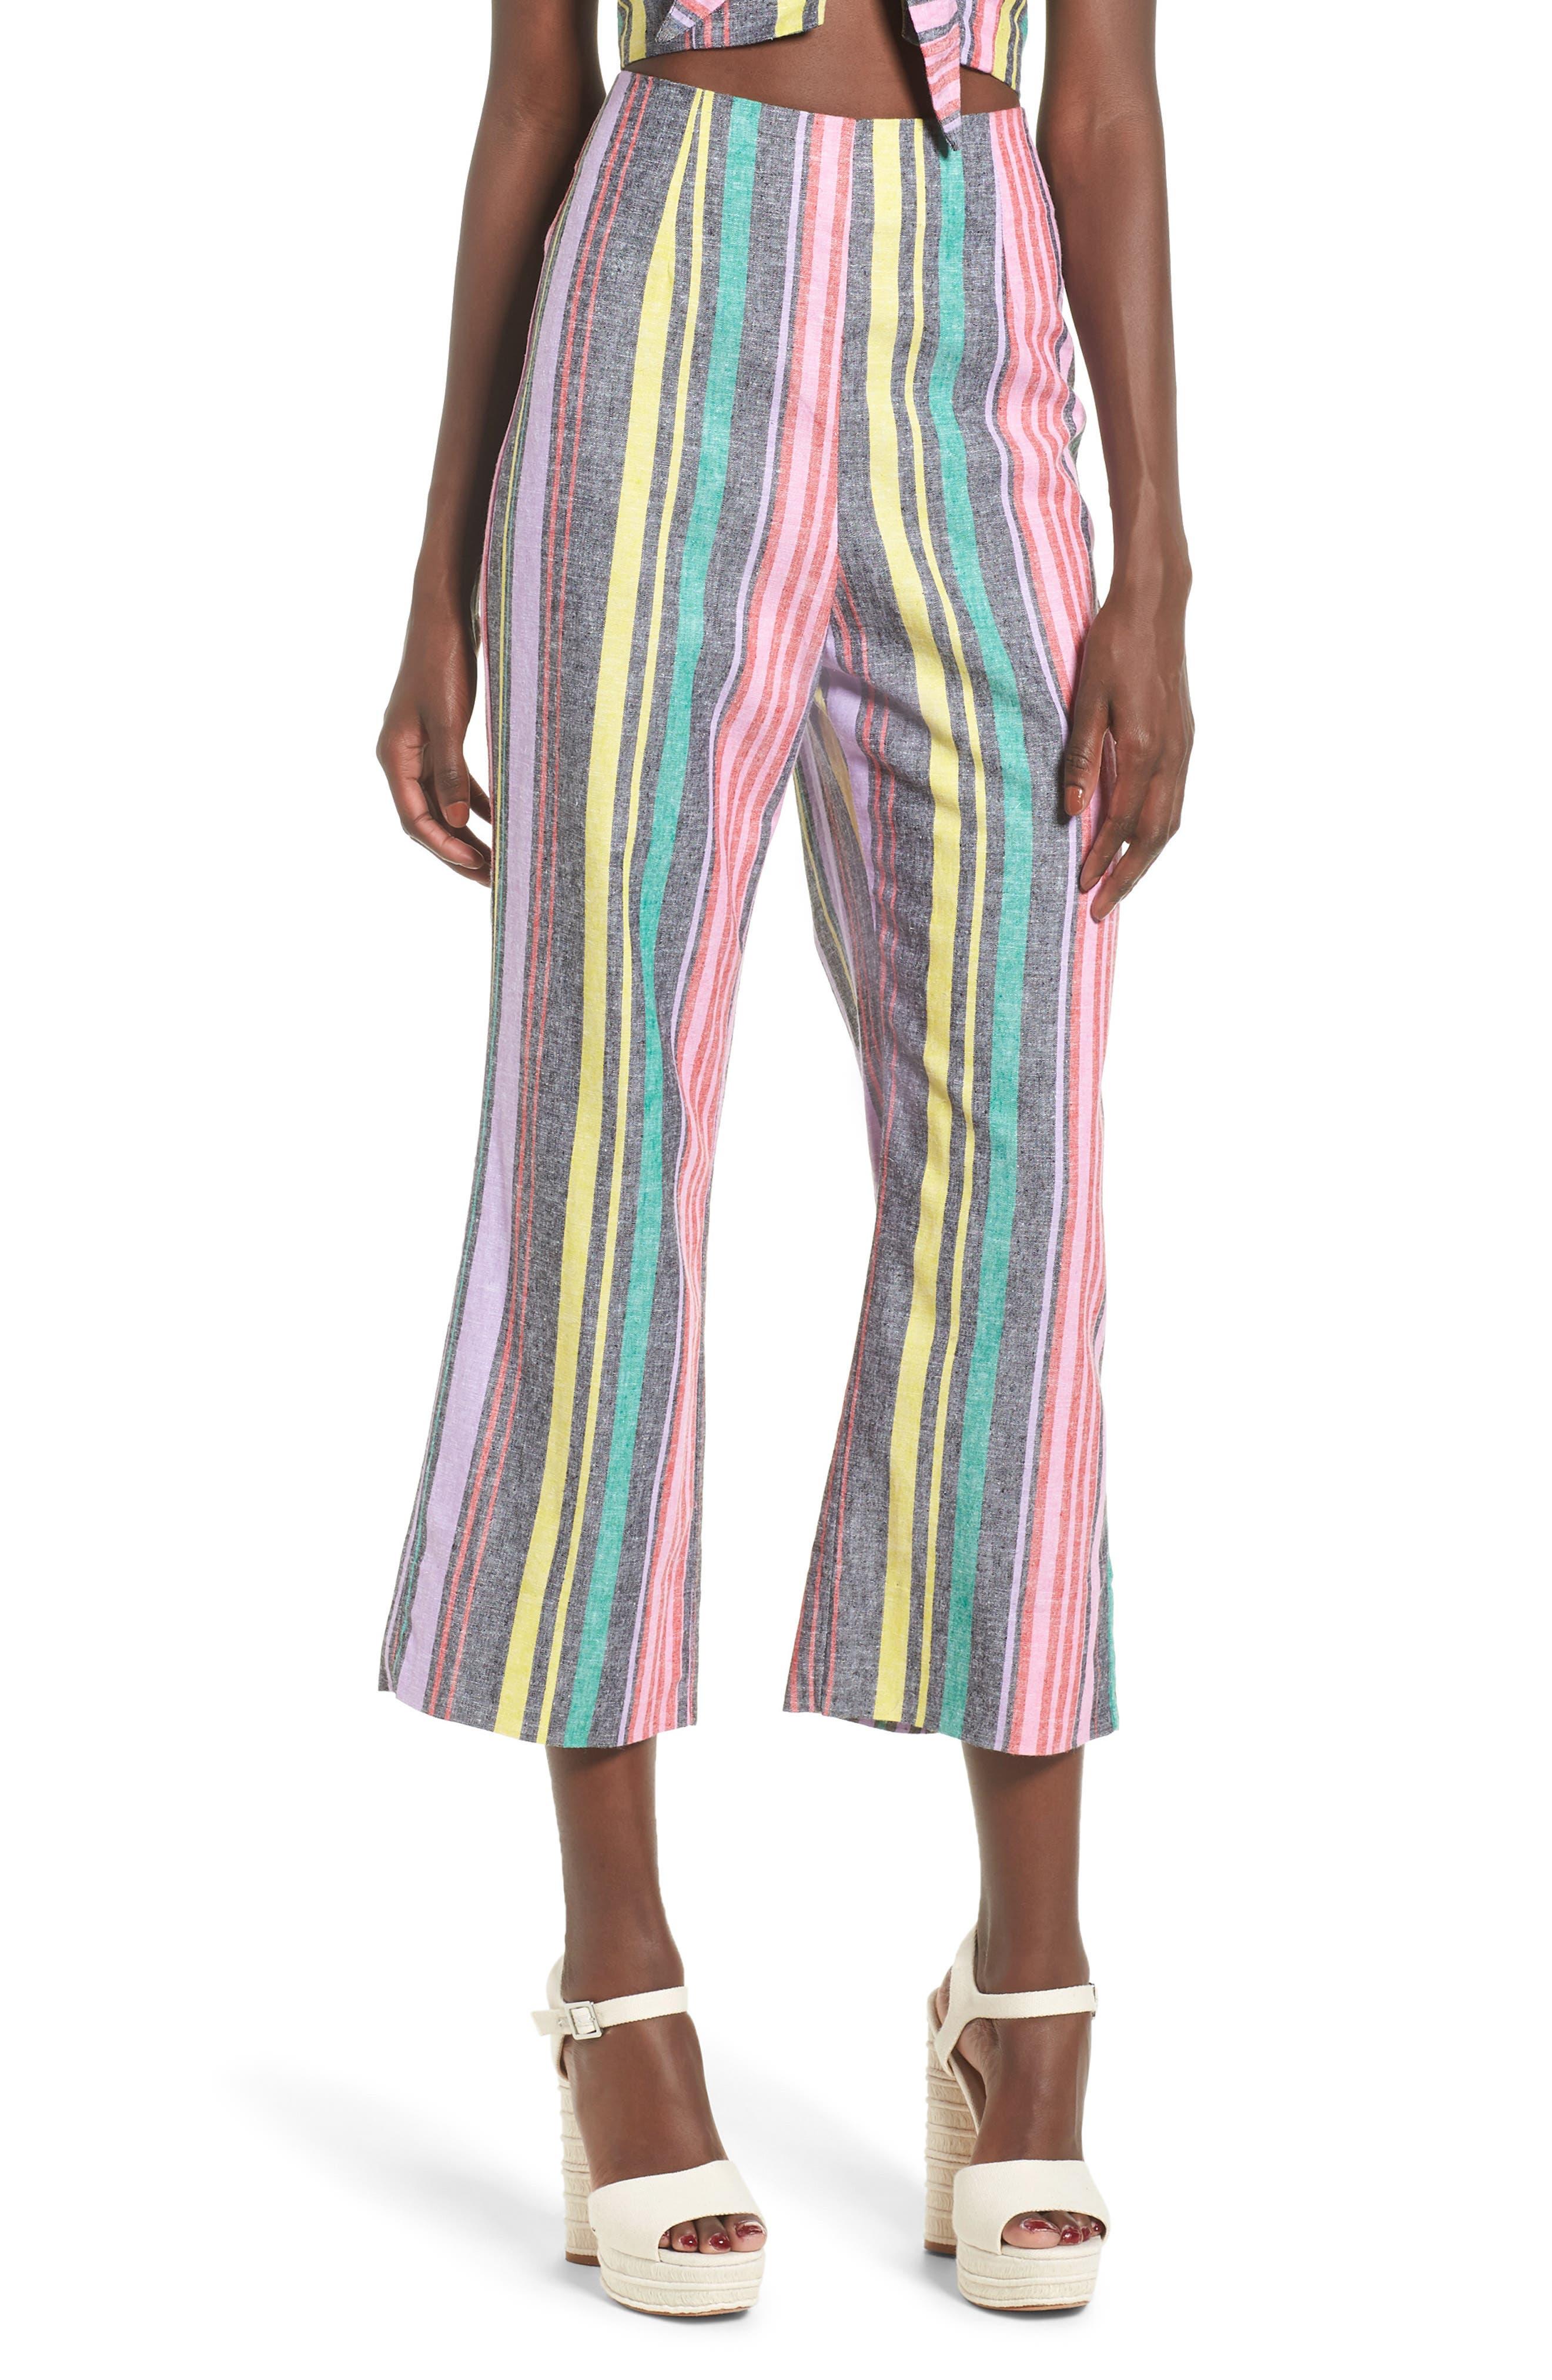 AFRM, Karina High Waist Crop Flare Pant, Main thumbnail 1, color, 650